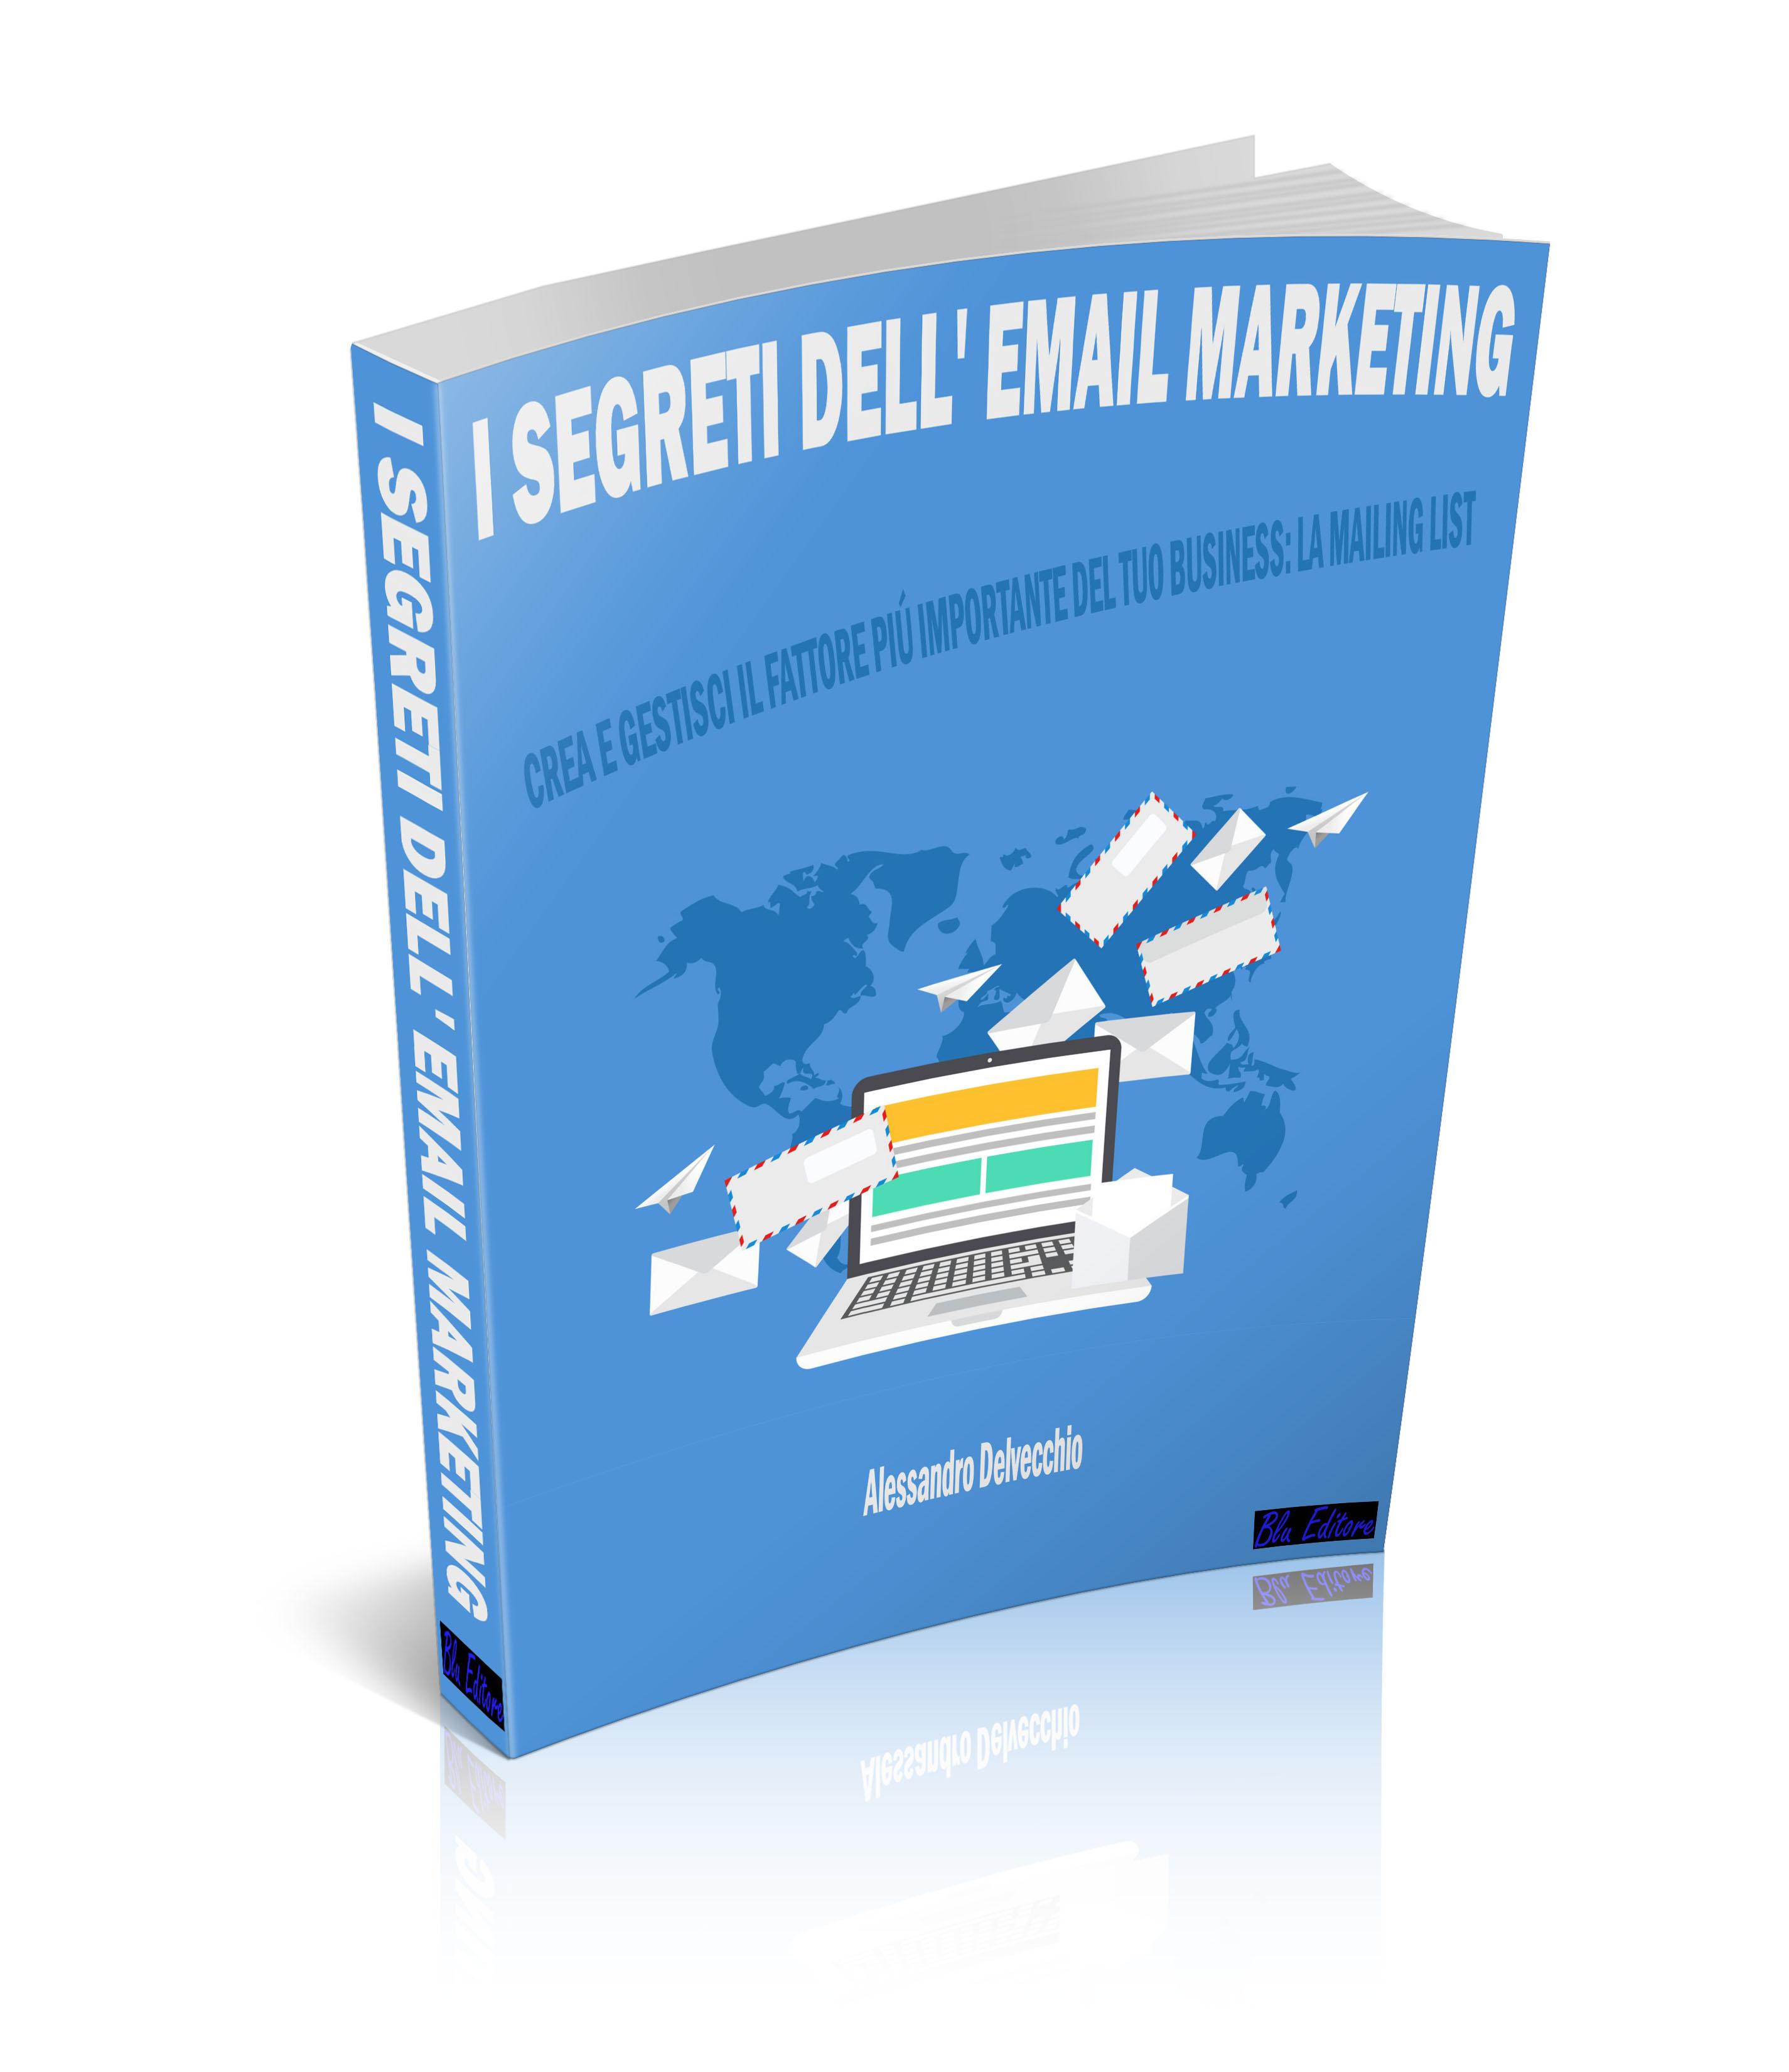 I Segreti dell'Email Marketing